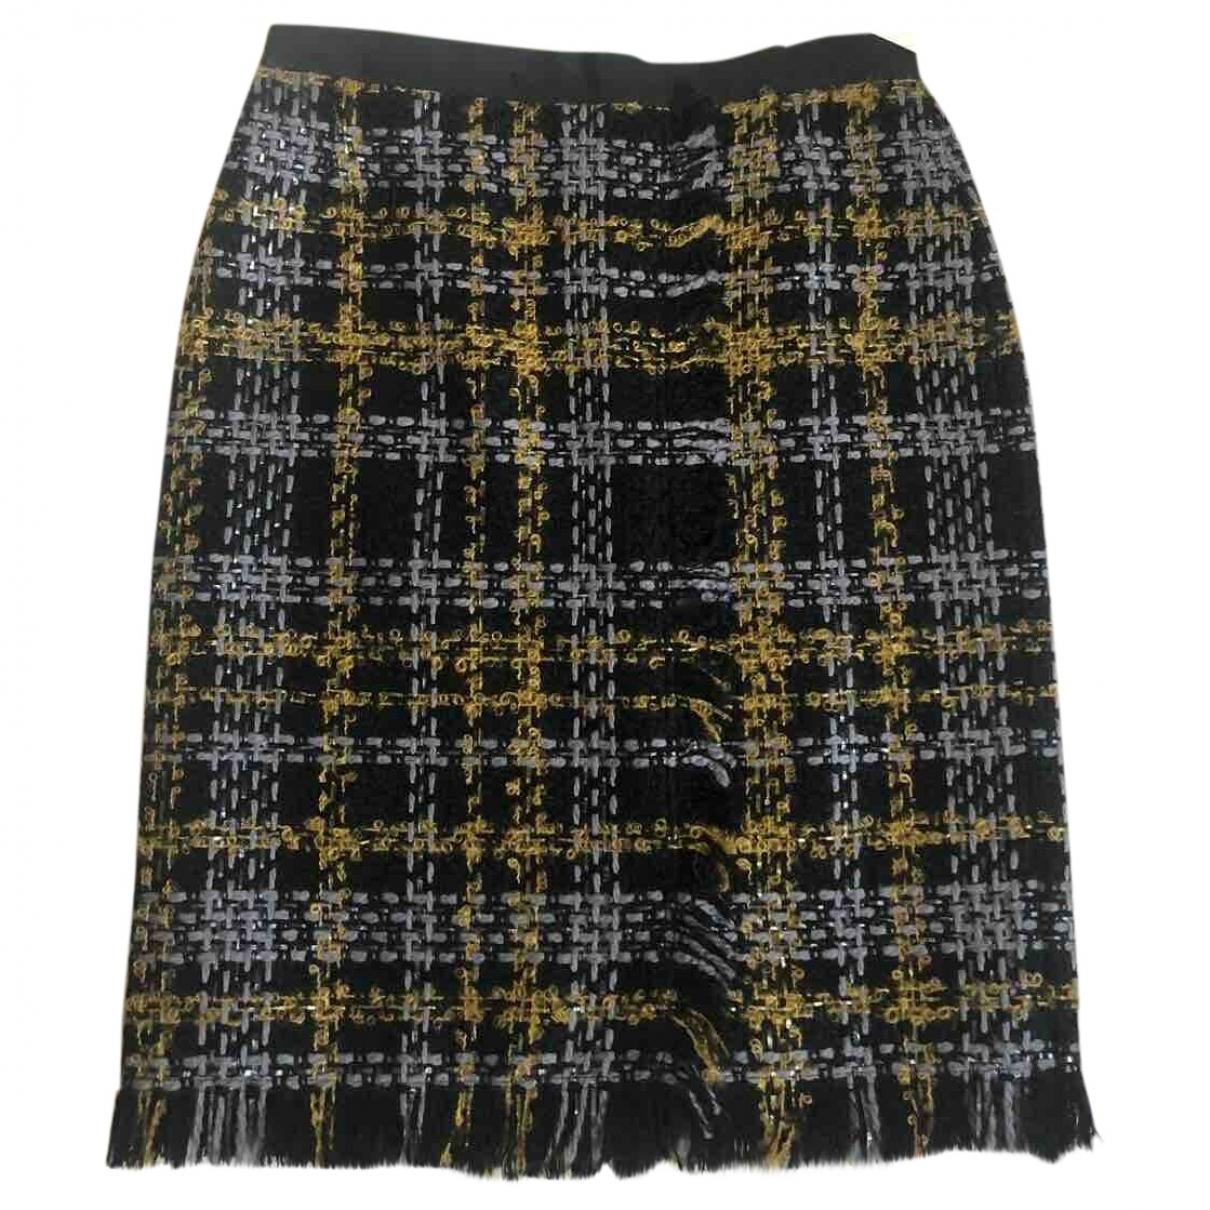 Erdem X H&m \N Black Tweed skirt for Women 40 FR